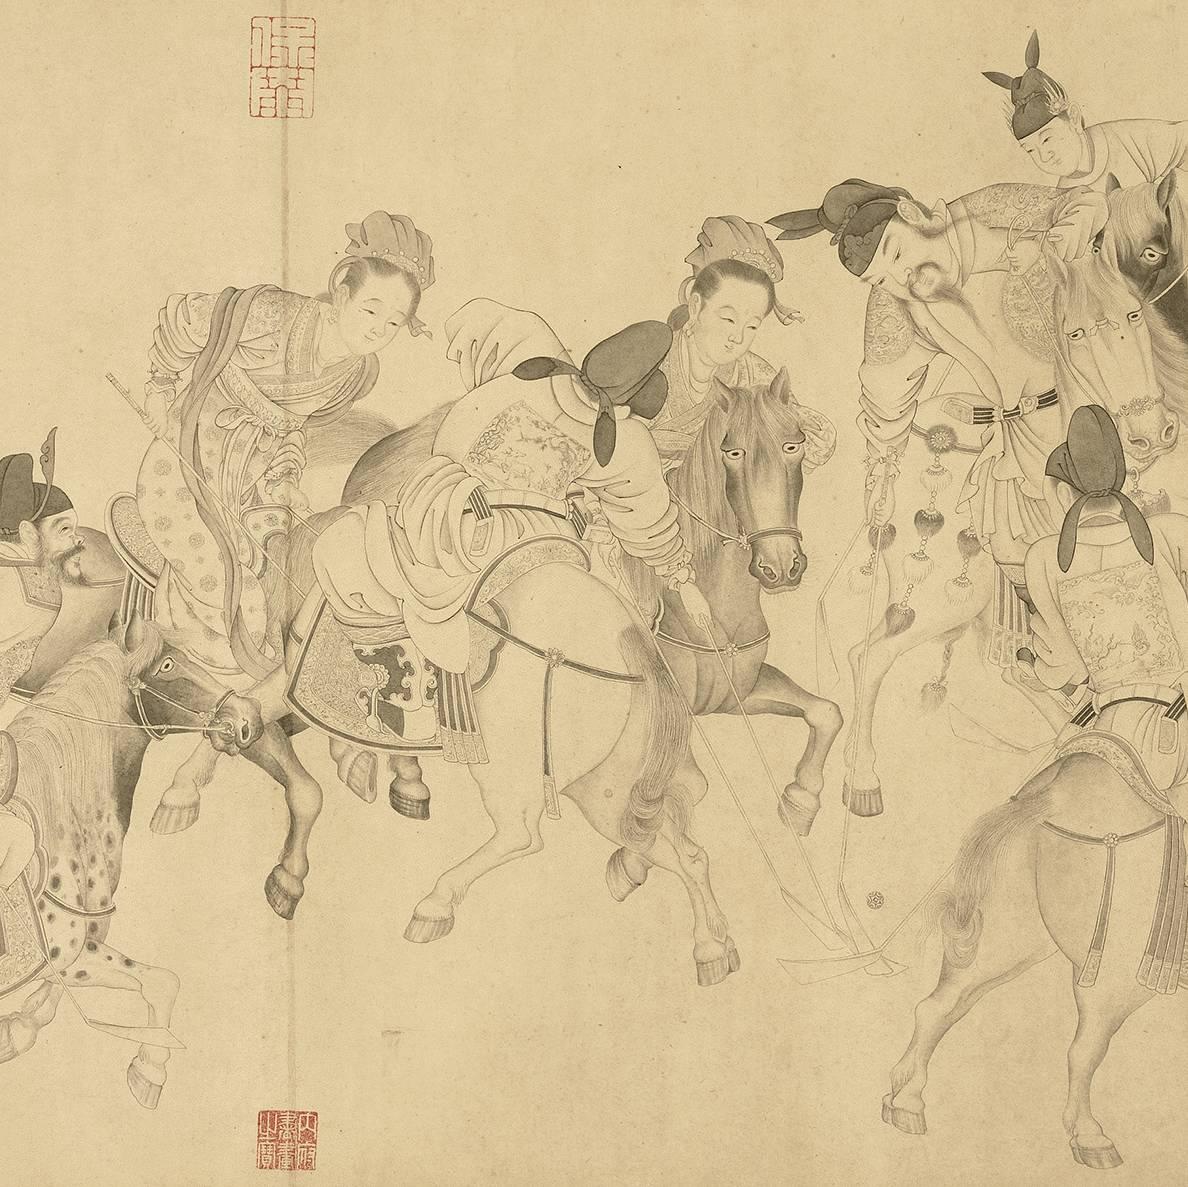 台北故宫开了场古人运动会,驸马爷《八达春游图》限展